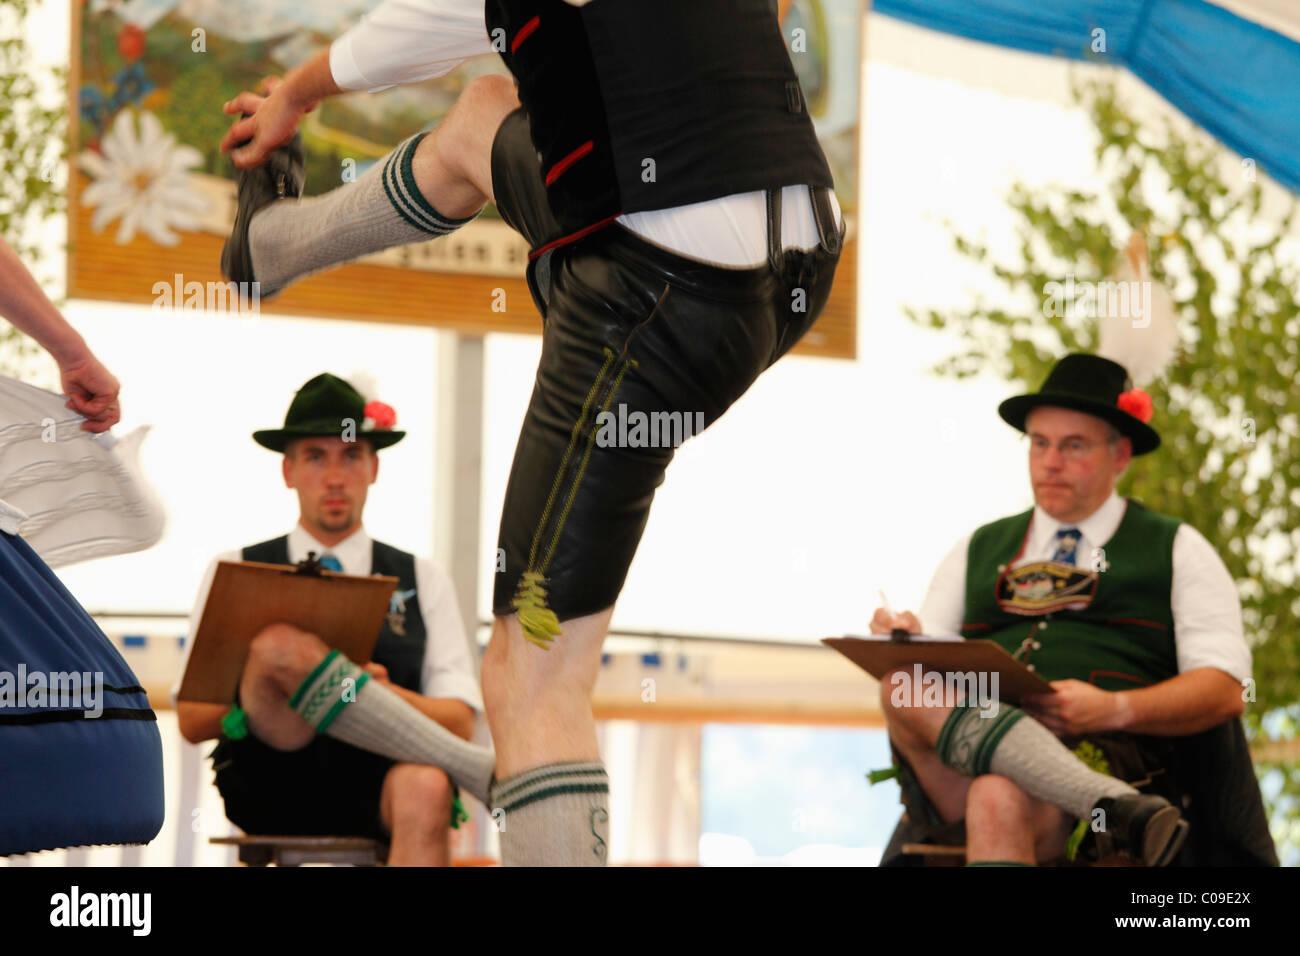 Schuhplattler, traditionelle Folk-Tänzerin, 83. Loisachgaufest in Neufahrn bei Egling, Upper Bavaria, Bayern, Deutschland,Stockfoto